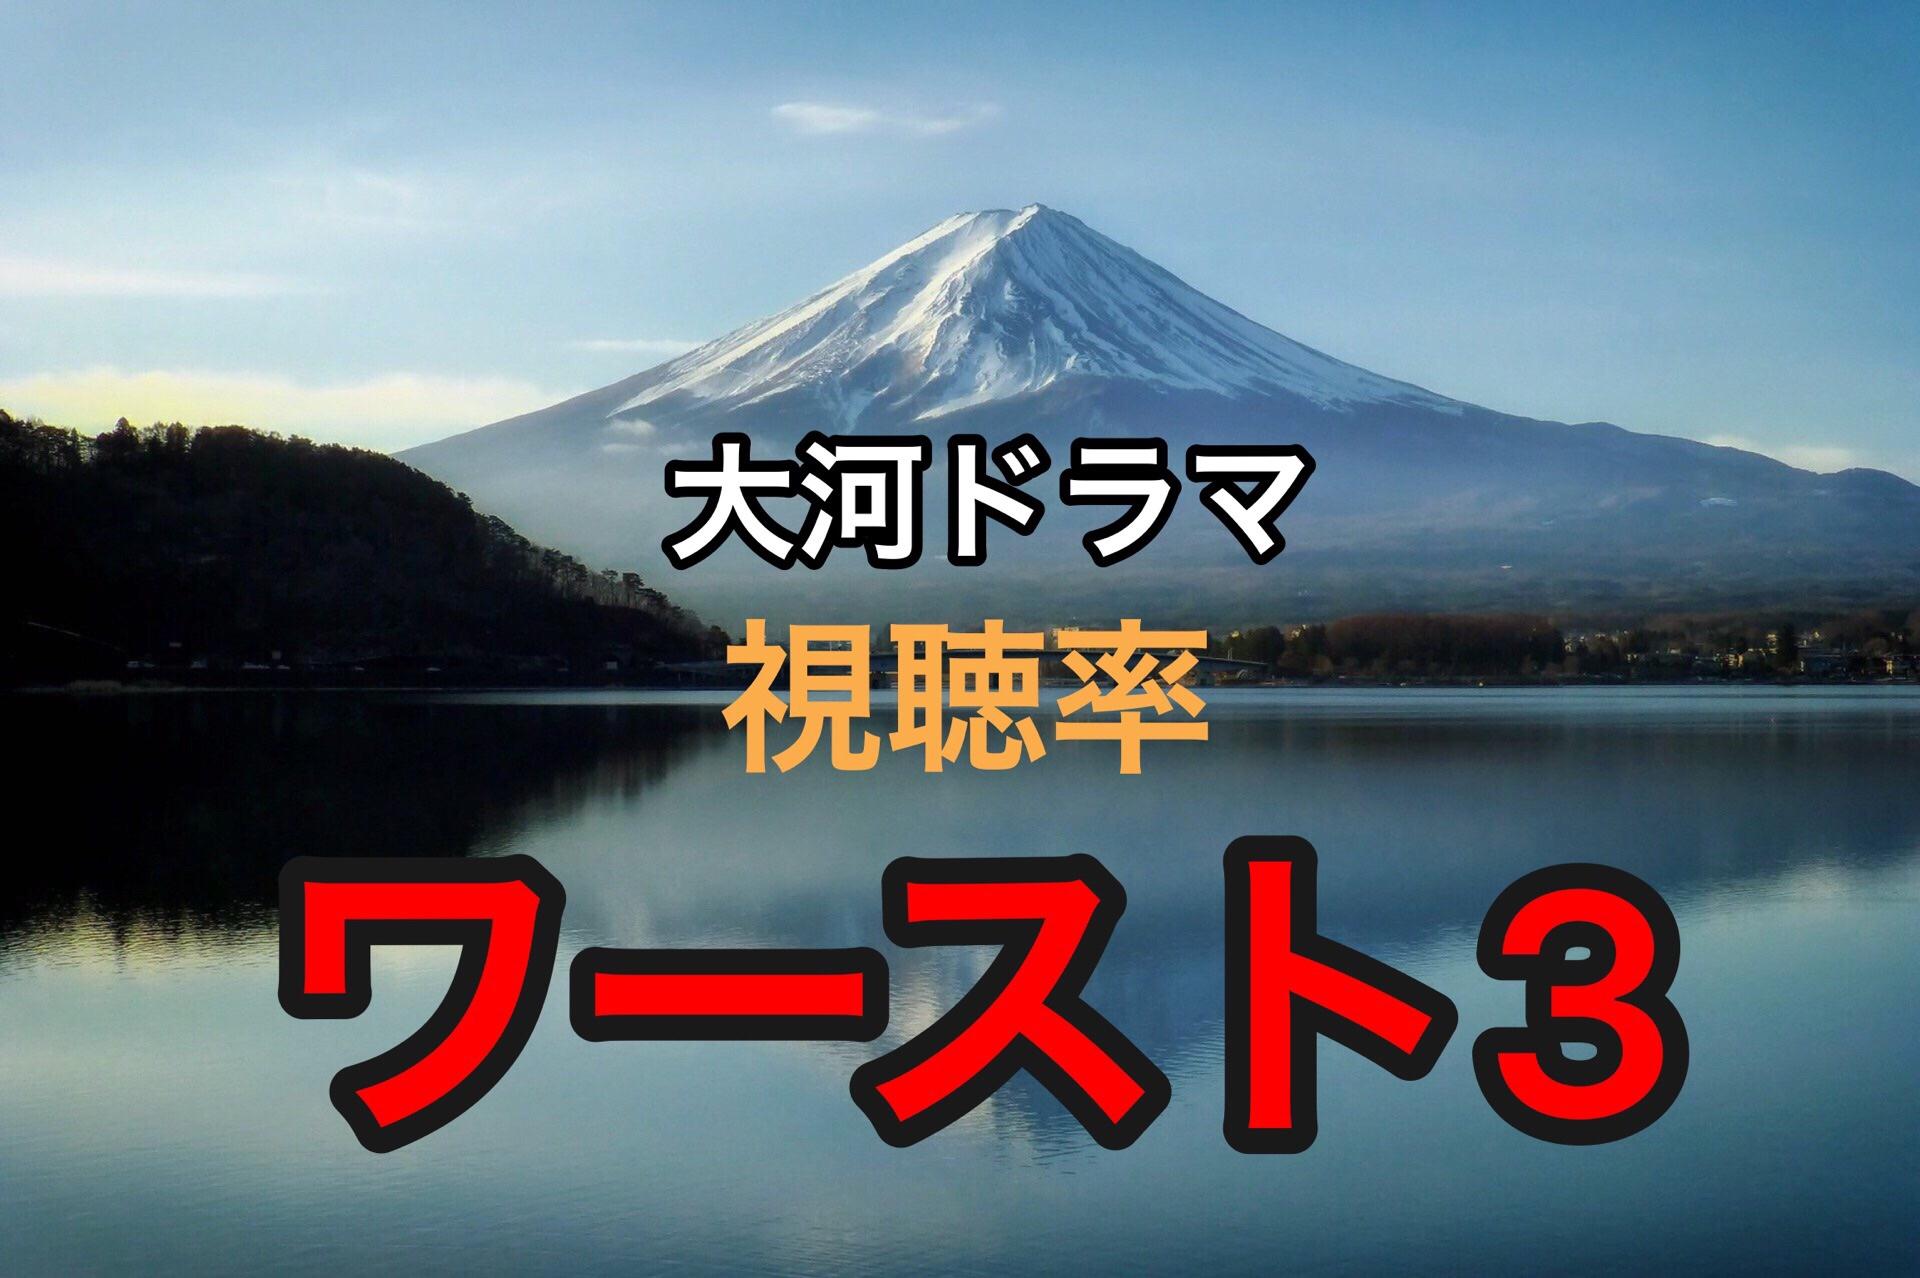 Taiga drama worst rating